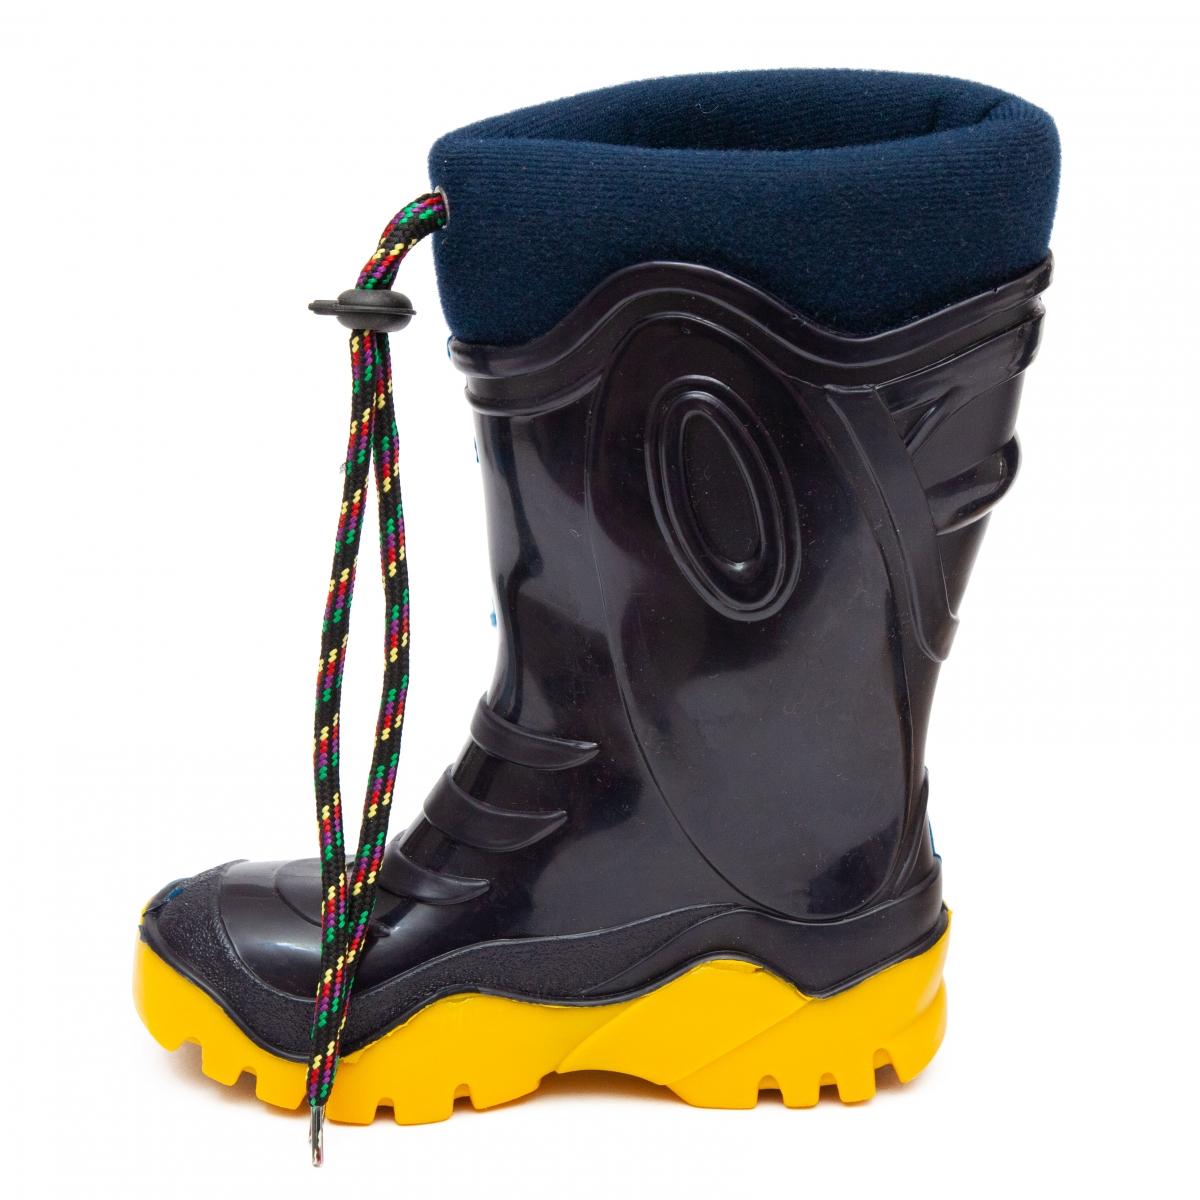 Cizme copii cauciuc cu blana iarna 4 blu galben melc 24-39